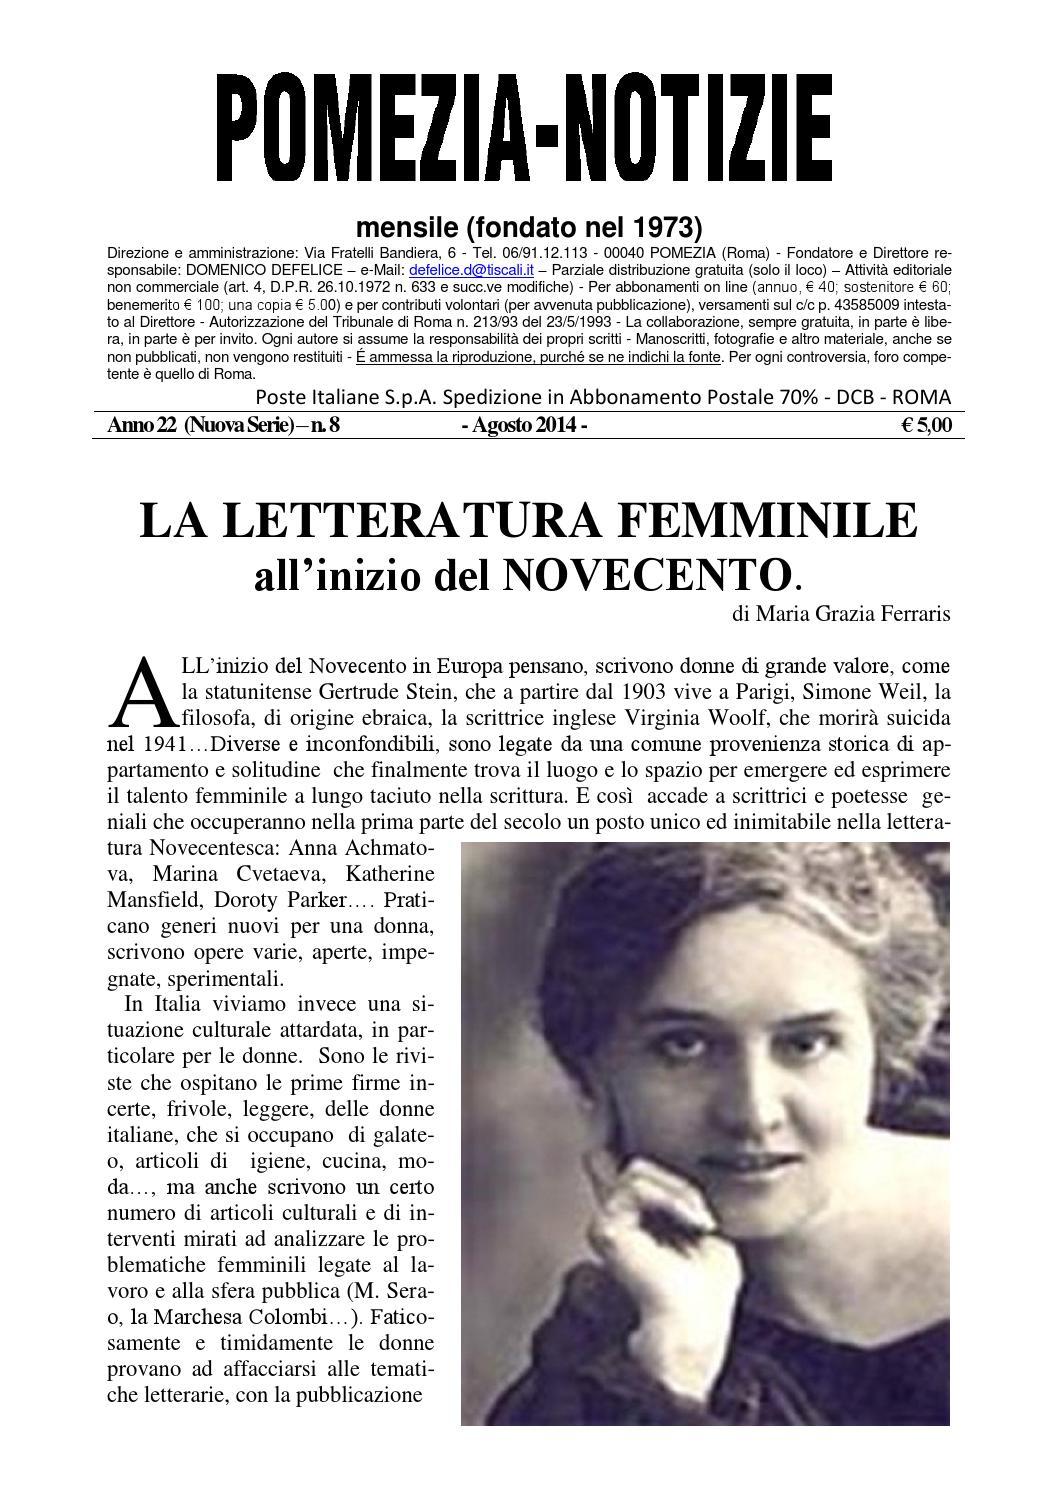 Pomezia Notizie 2014 8 by Domenico - issuu 5b76d9b19590